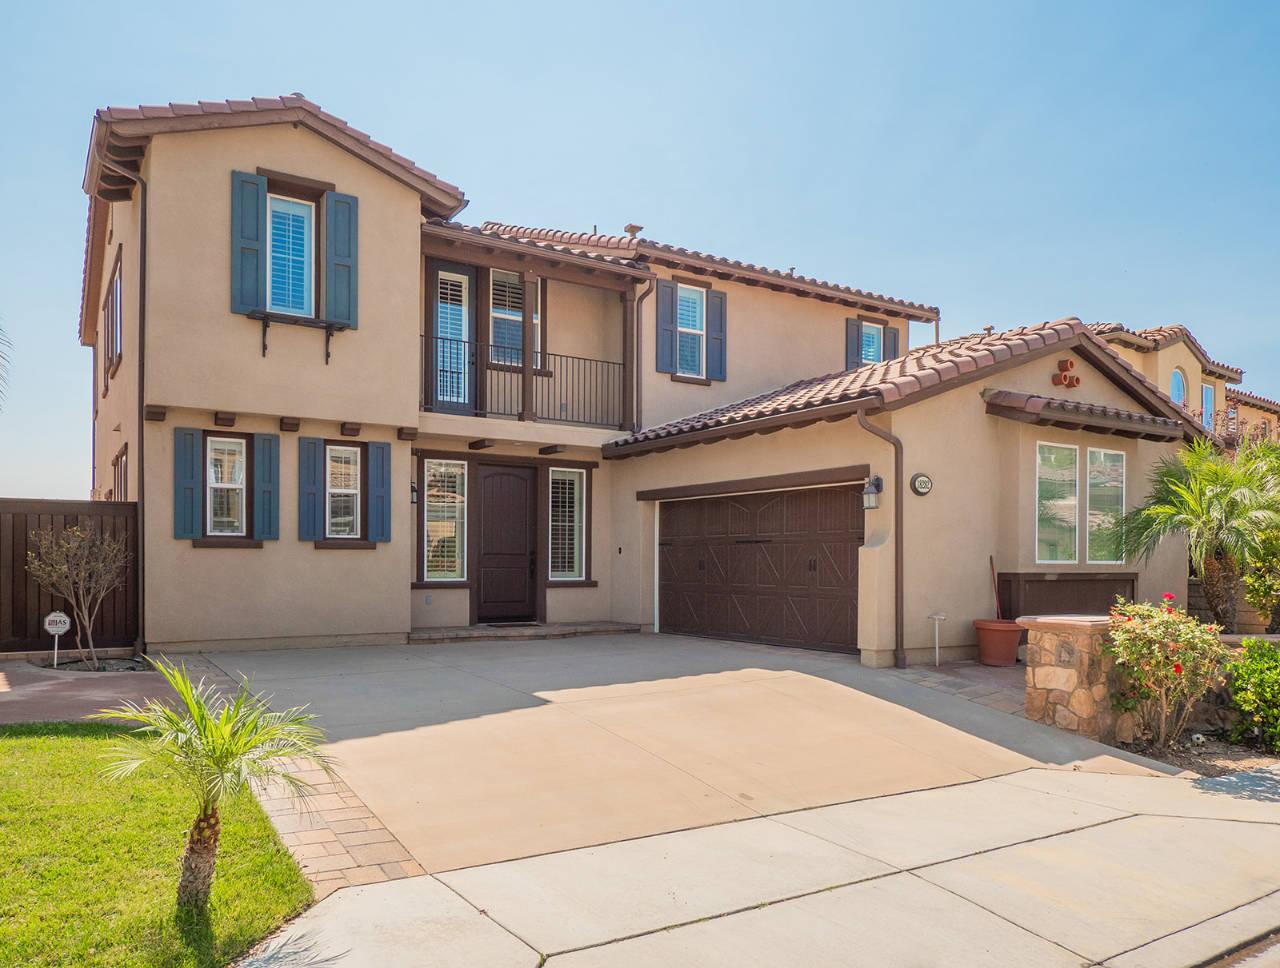 18282 Joel Brattain Dr, Anaheim Hills, CA 92886